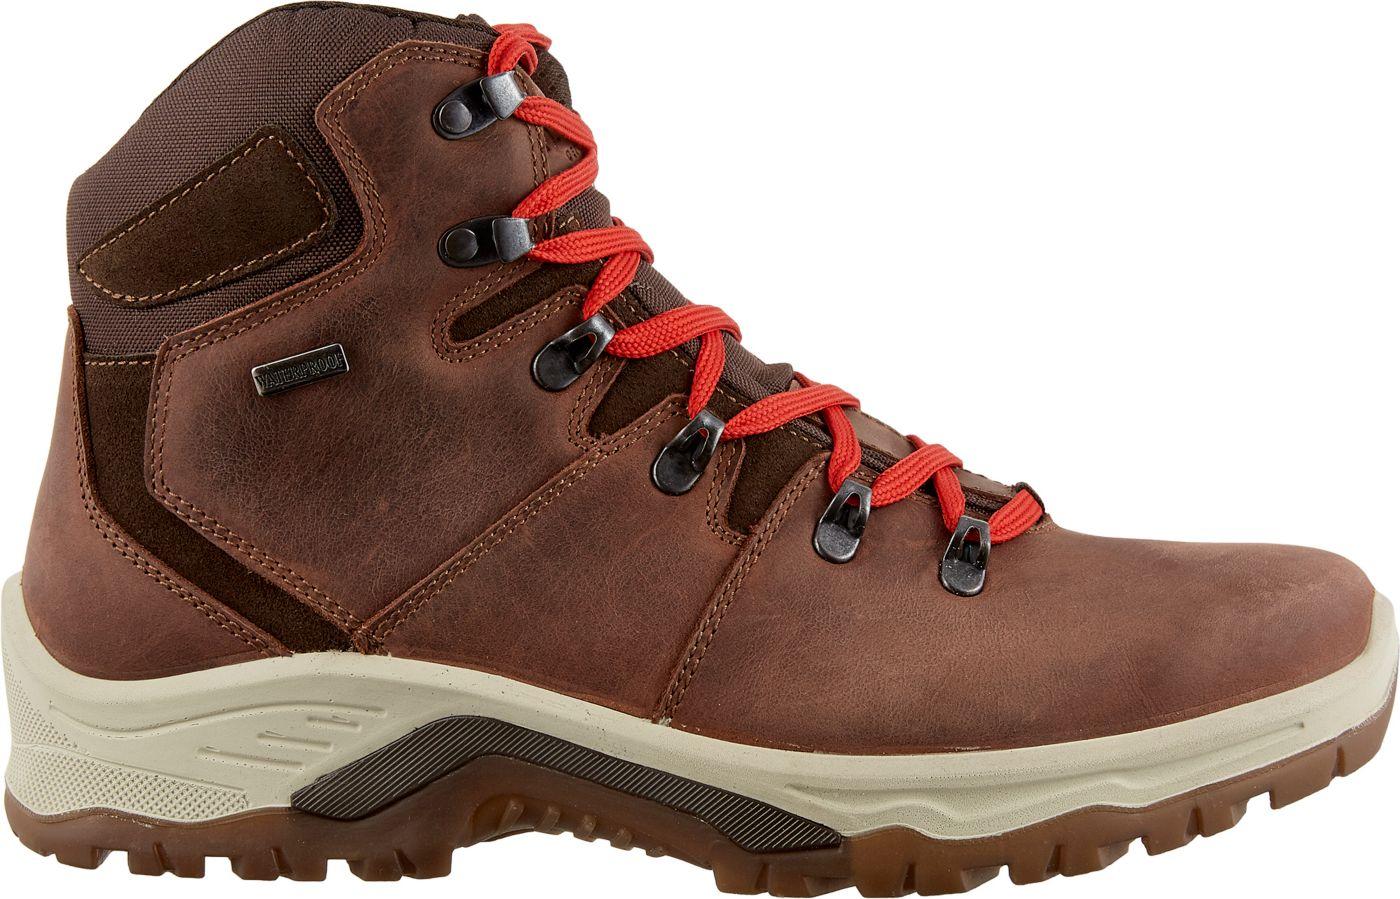 Alpine Design Men's Passare Waterproof Hiking Boots